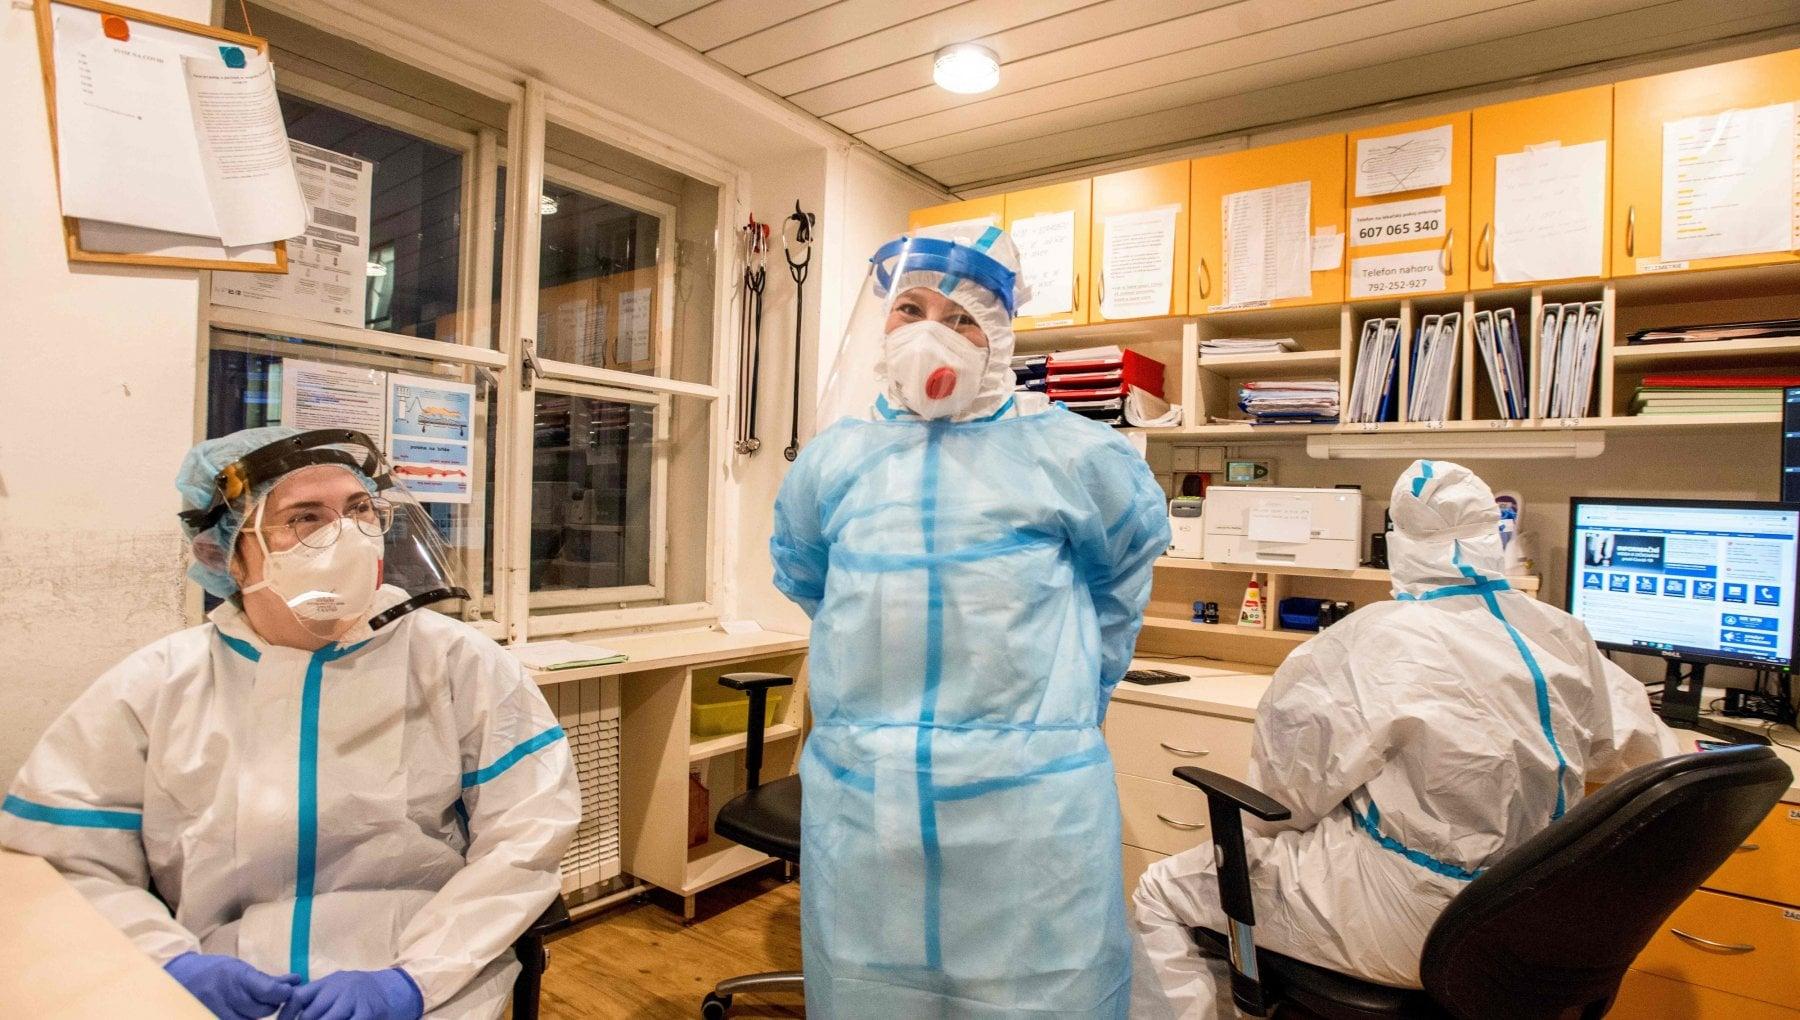 Mascherine farmaci antivirali e terapie intensive pronto il piano pandemico 2021 2023. Se risorse sono scarse scegliere chi curare prima